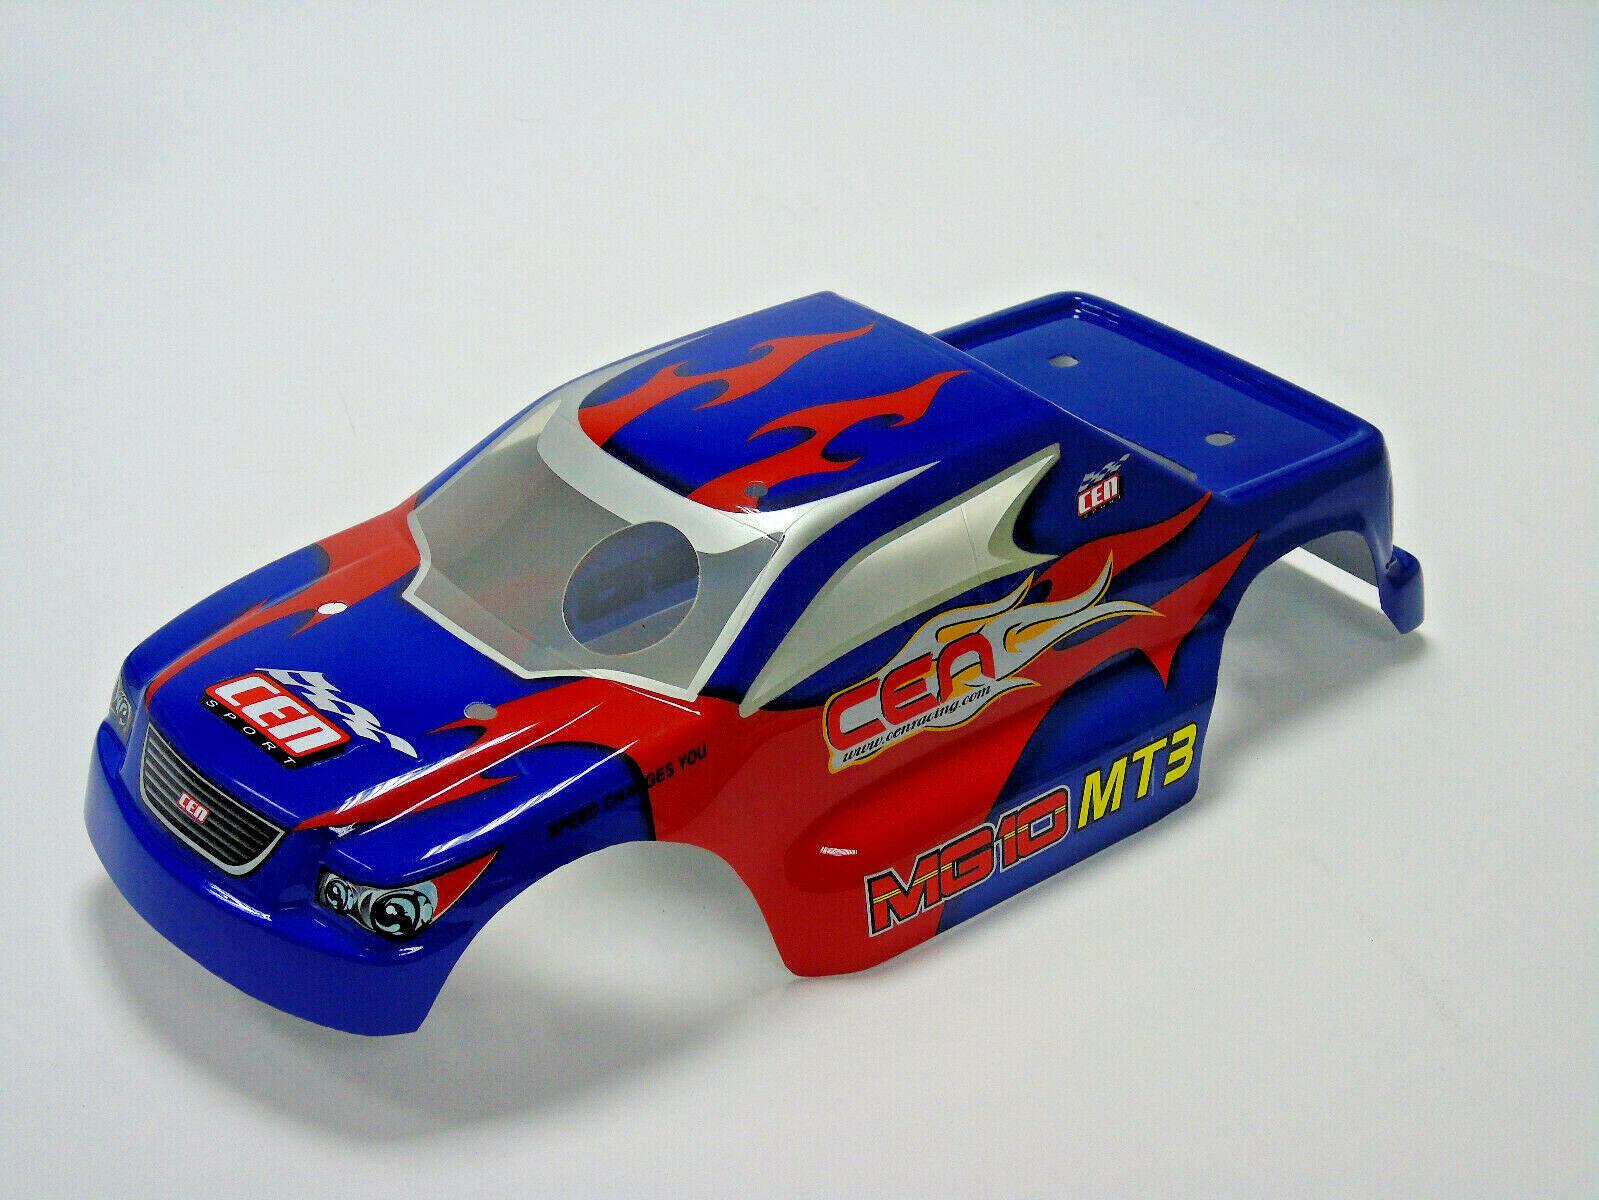 Mg103 Cen Racing Rc Parti Auto Mg10 Mt3 Mt3 Mt3 Lampeggiante Carrozzeria (Blu) Nuovo b59c22